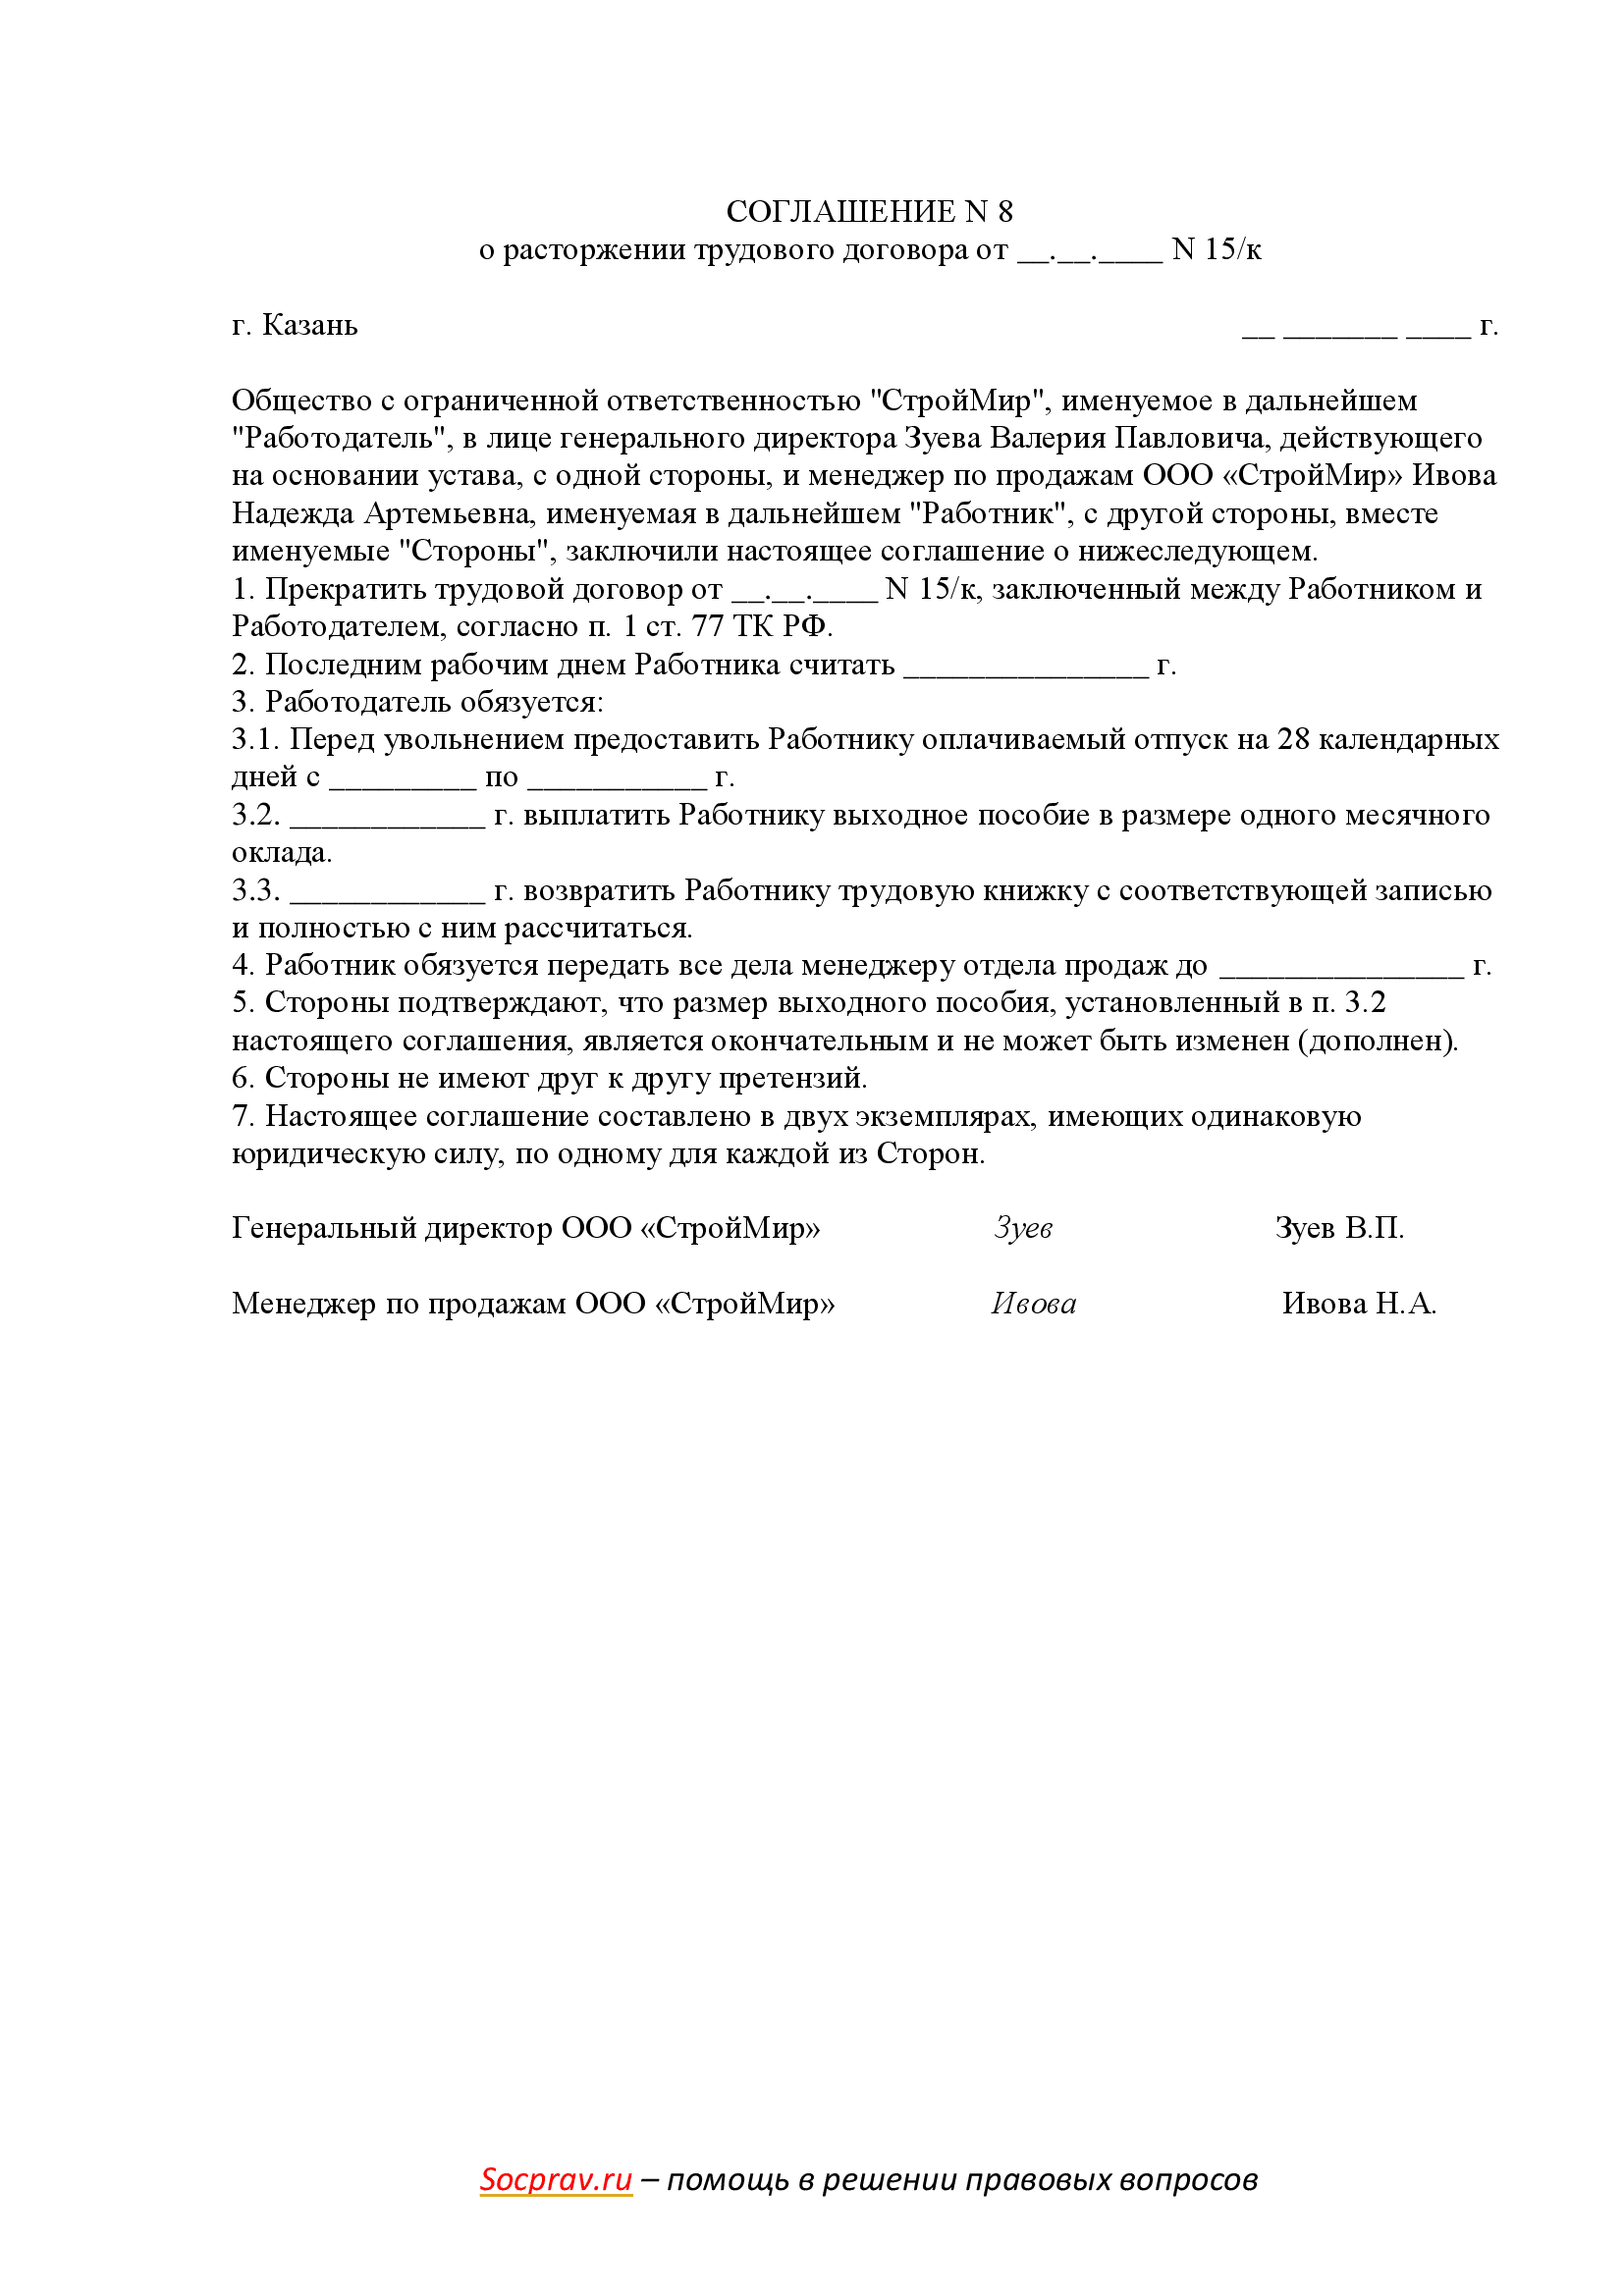 Соглашение о расторжении трудового договора (увольнении)